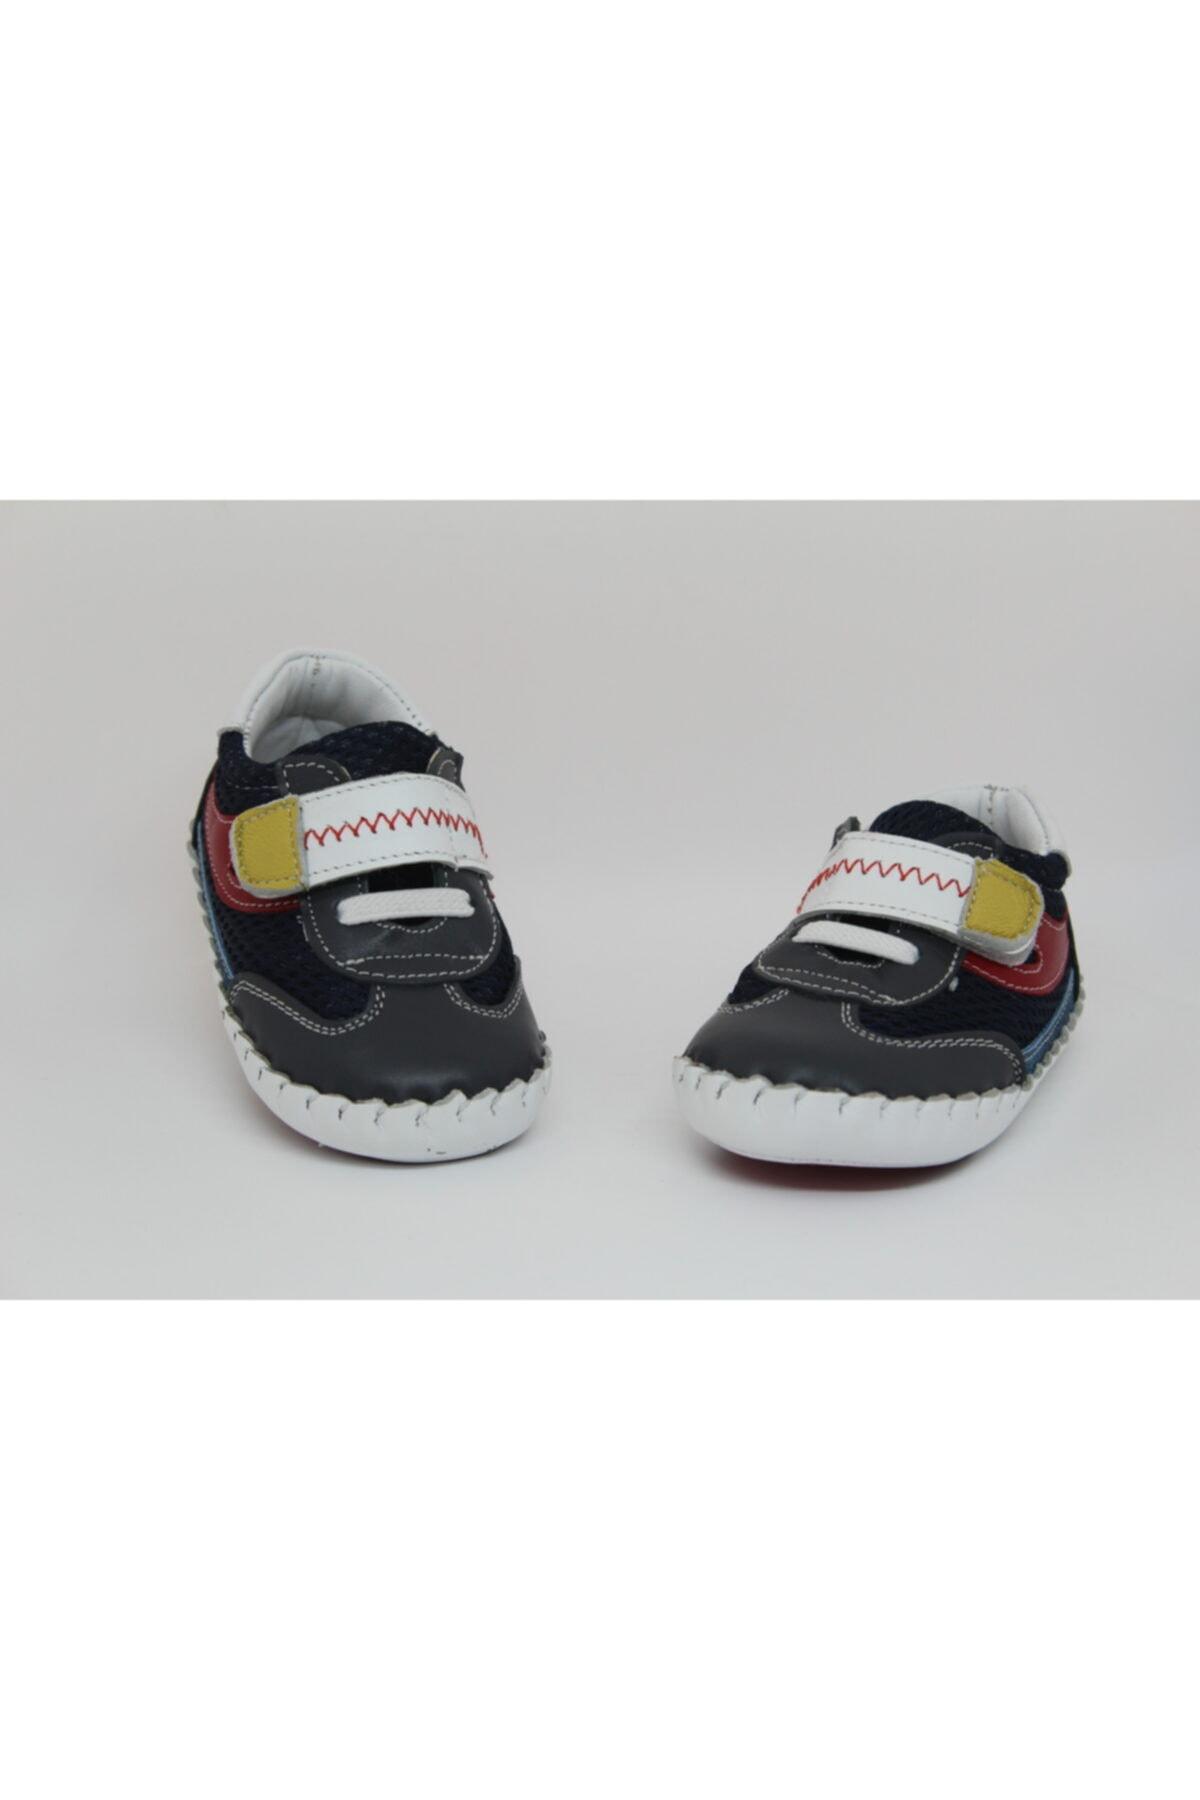 خرید کفش پیاده روی 2021 نوزاد پسرانه برند Rüzgar Ege رنگ نقره ای کد ty114273322